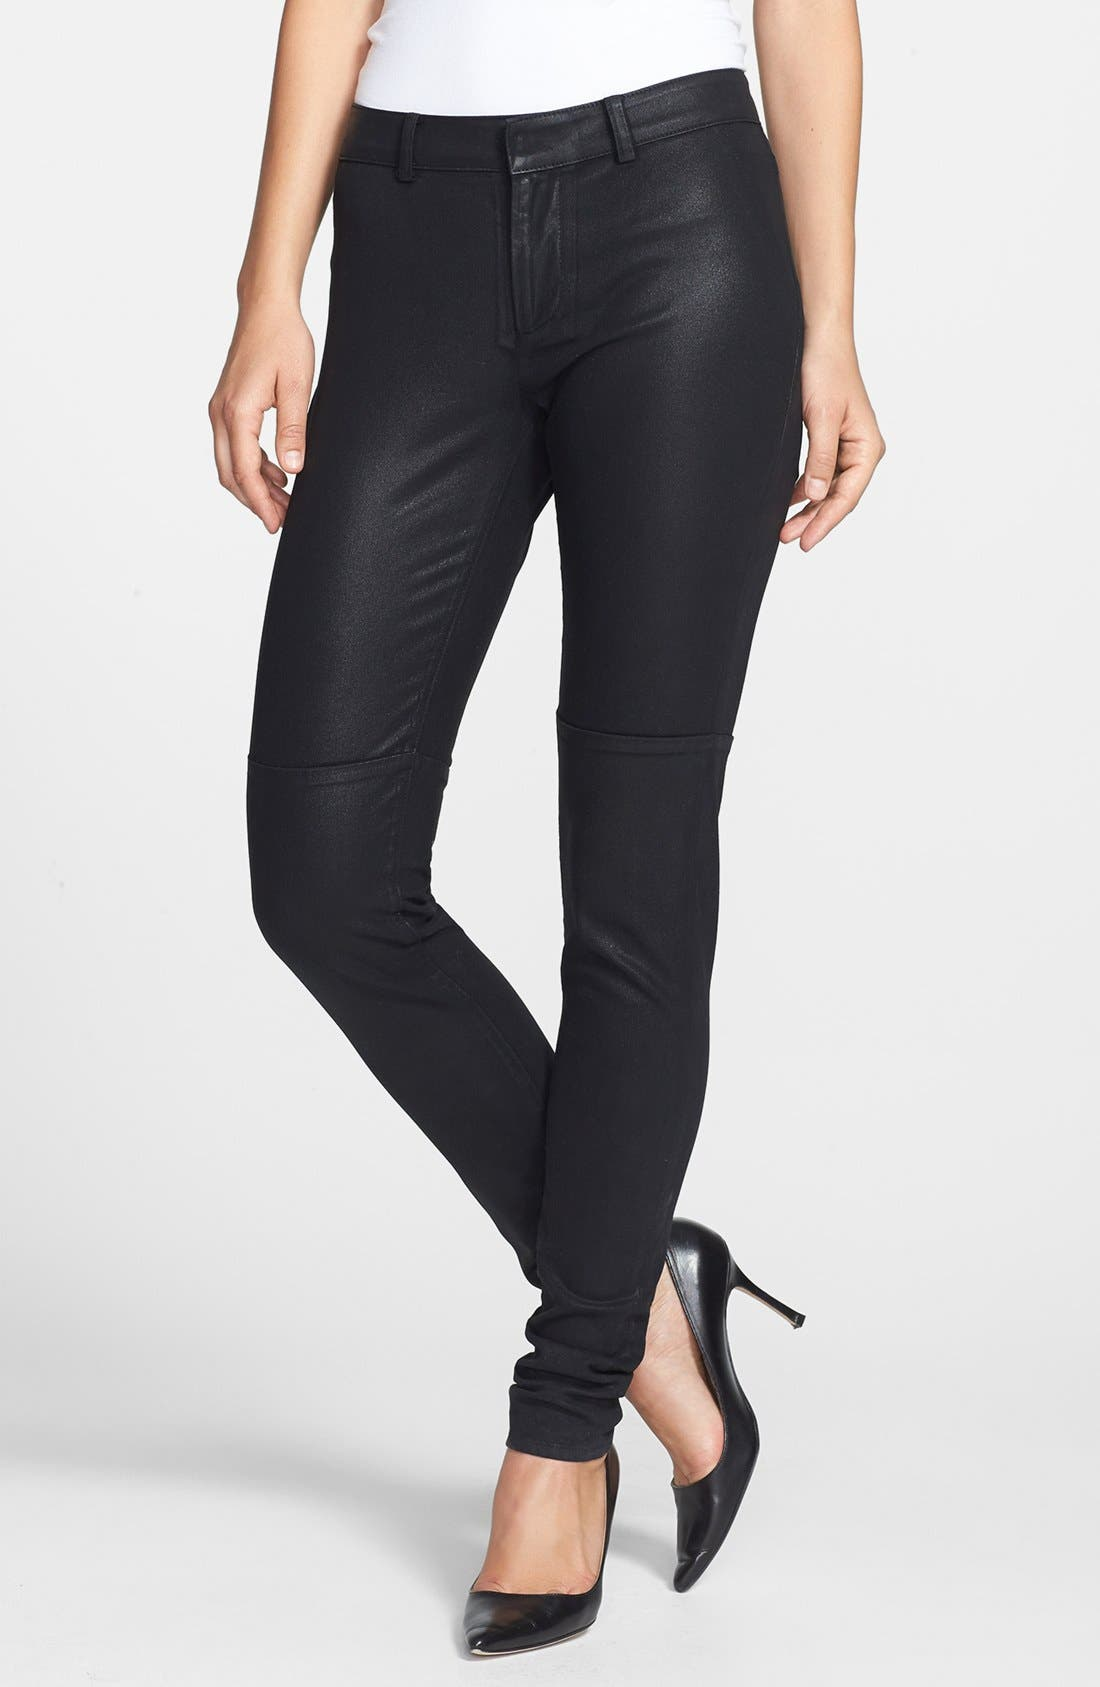 Alternate Image 1 Selected - Rachel Roy Coated Skinny Pants